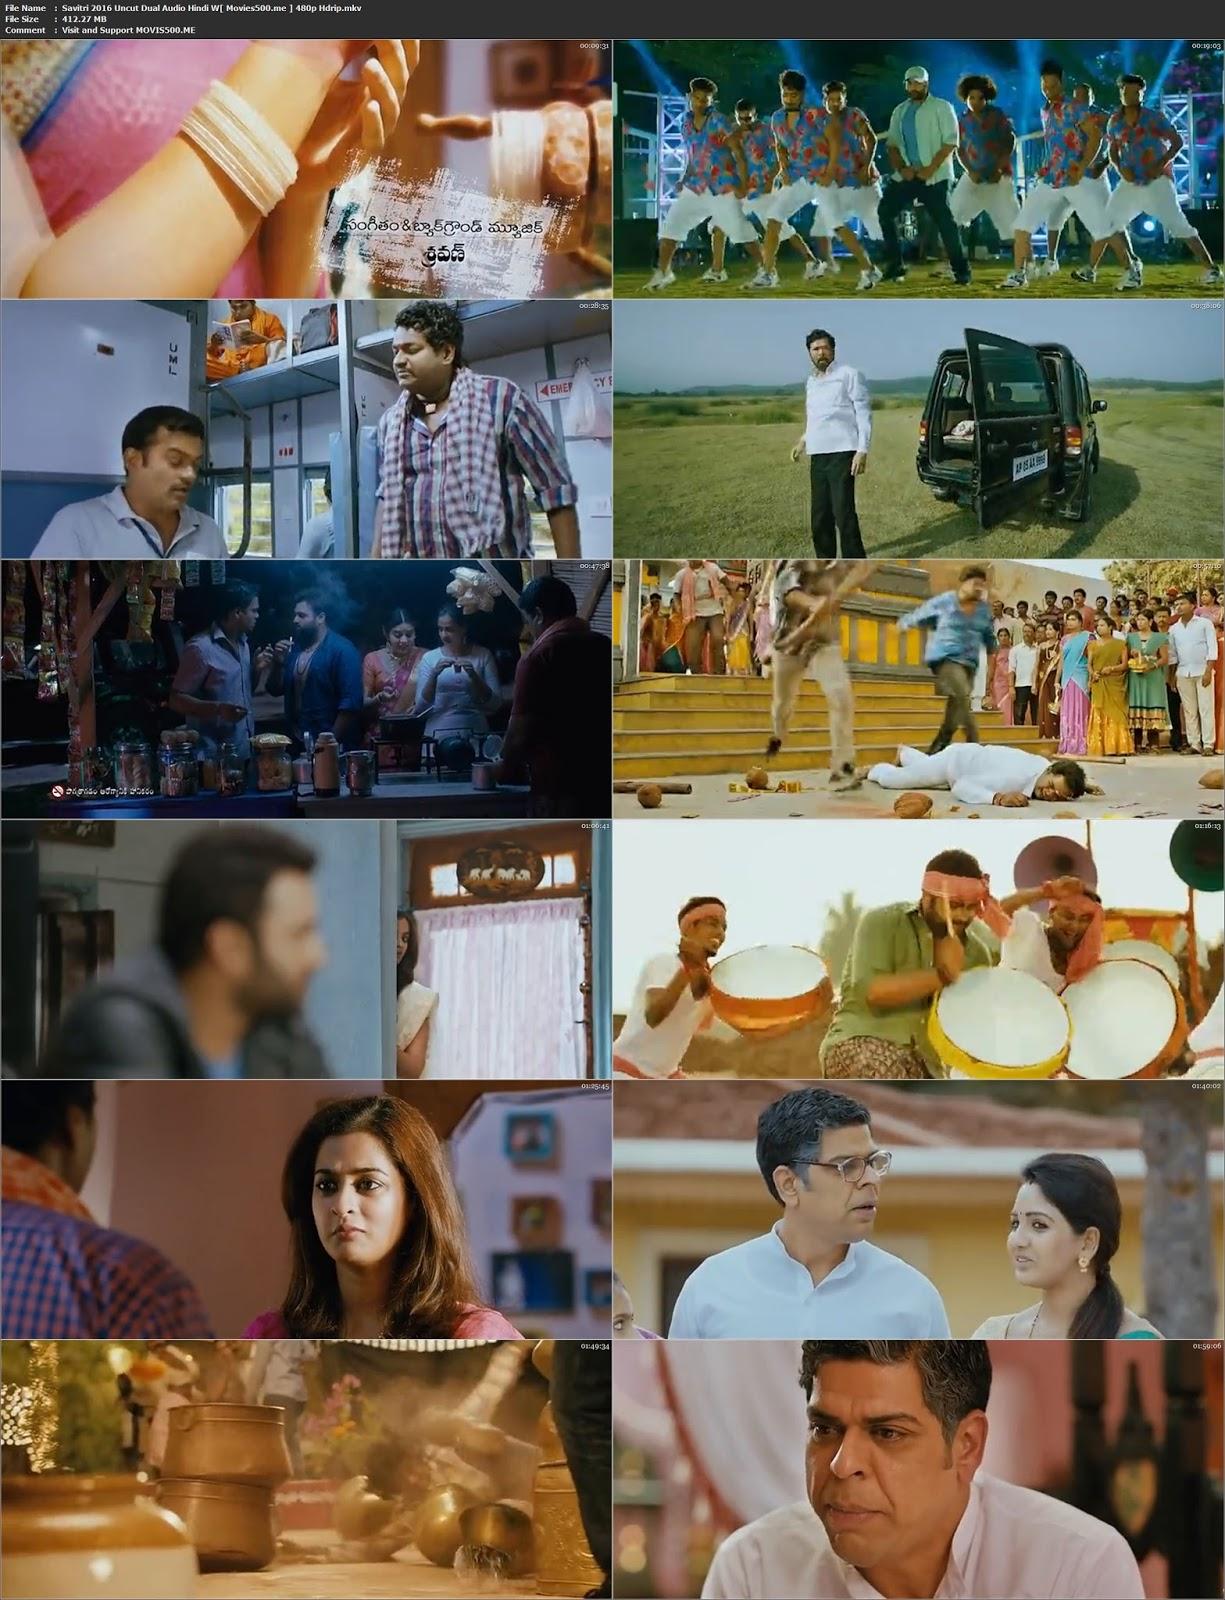 Savitri 2016 Hindi Dubbed 400MB HDRip 480p at movies500.site